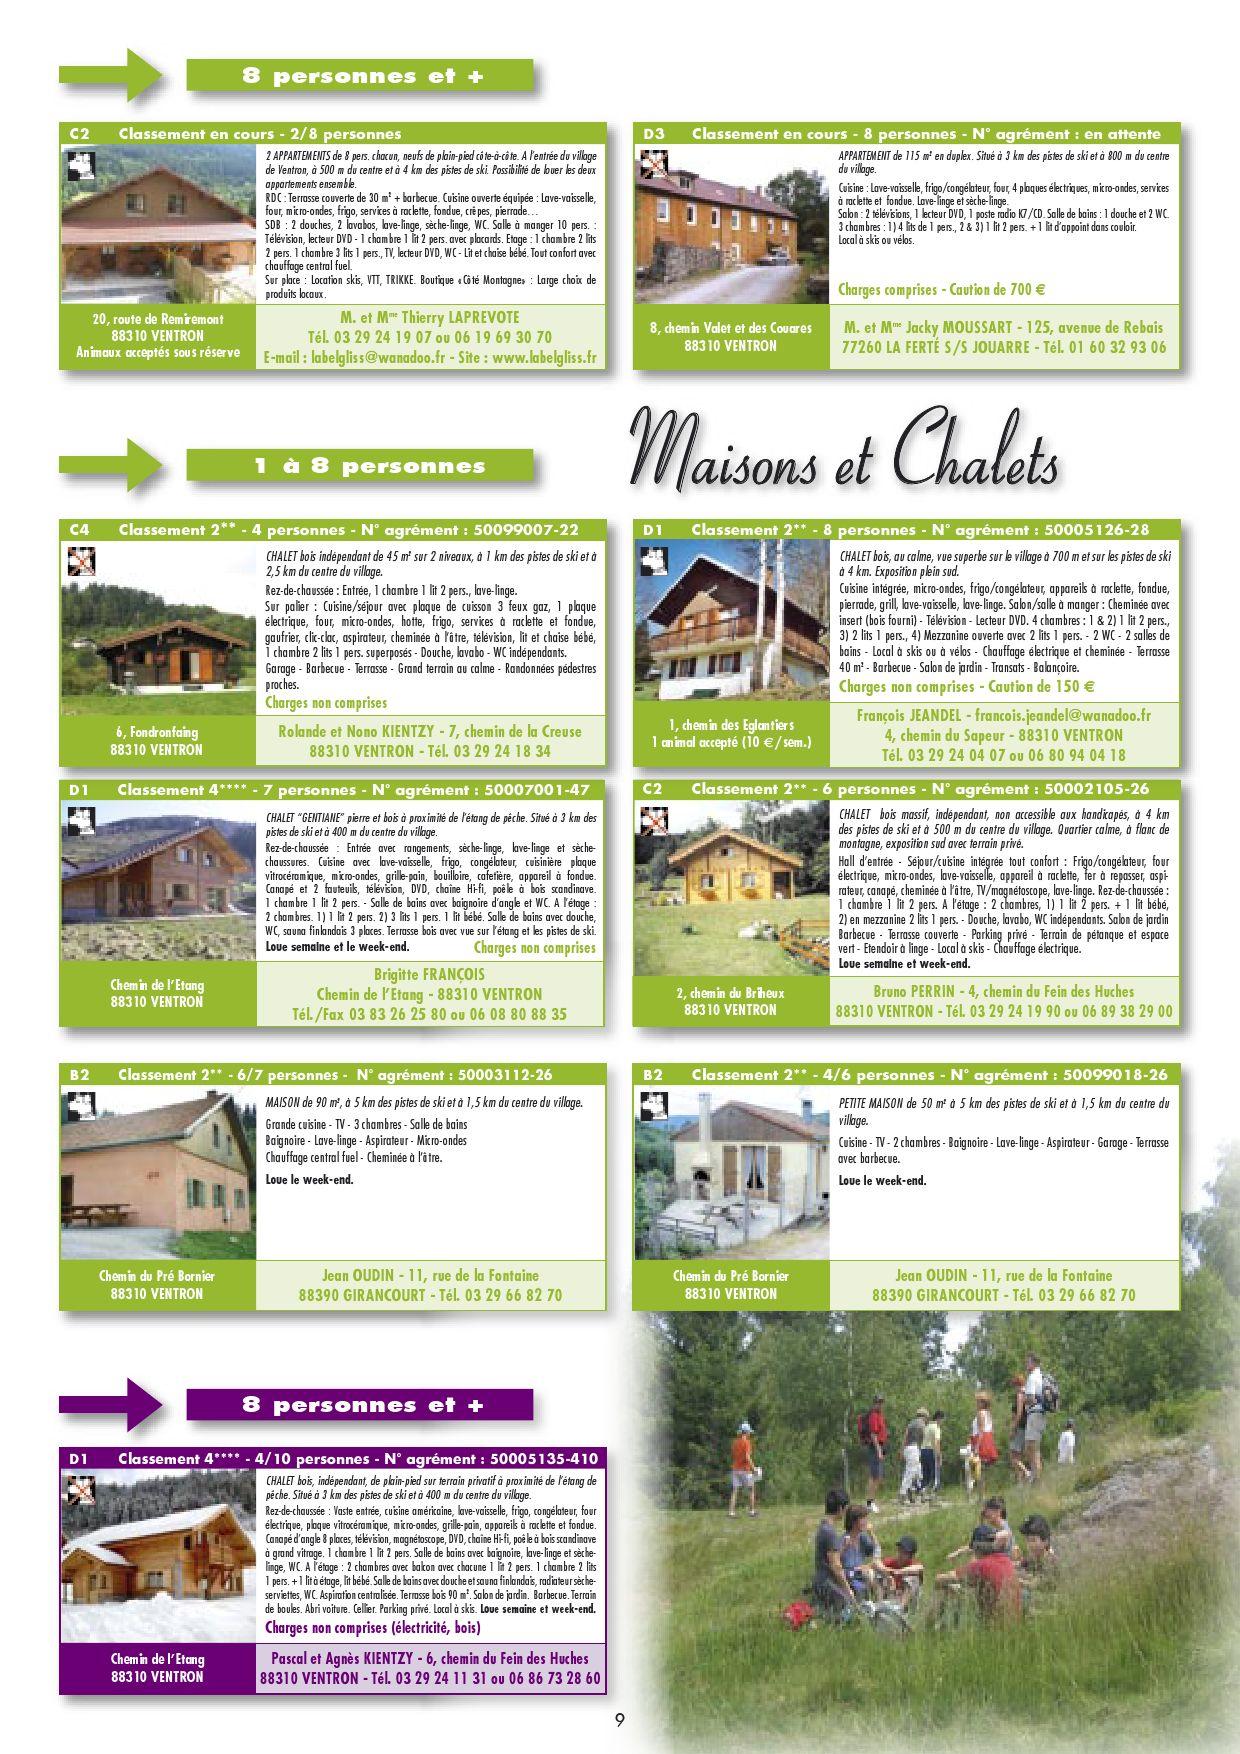 Hebergements by office de tourisme ventron issuu - Office de tourisme ventron ...